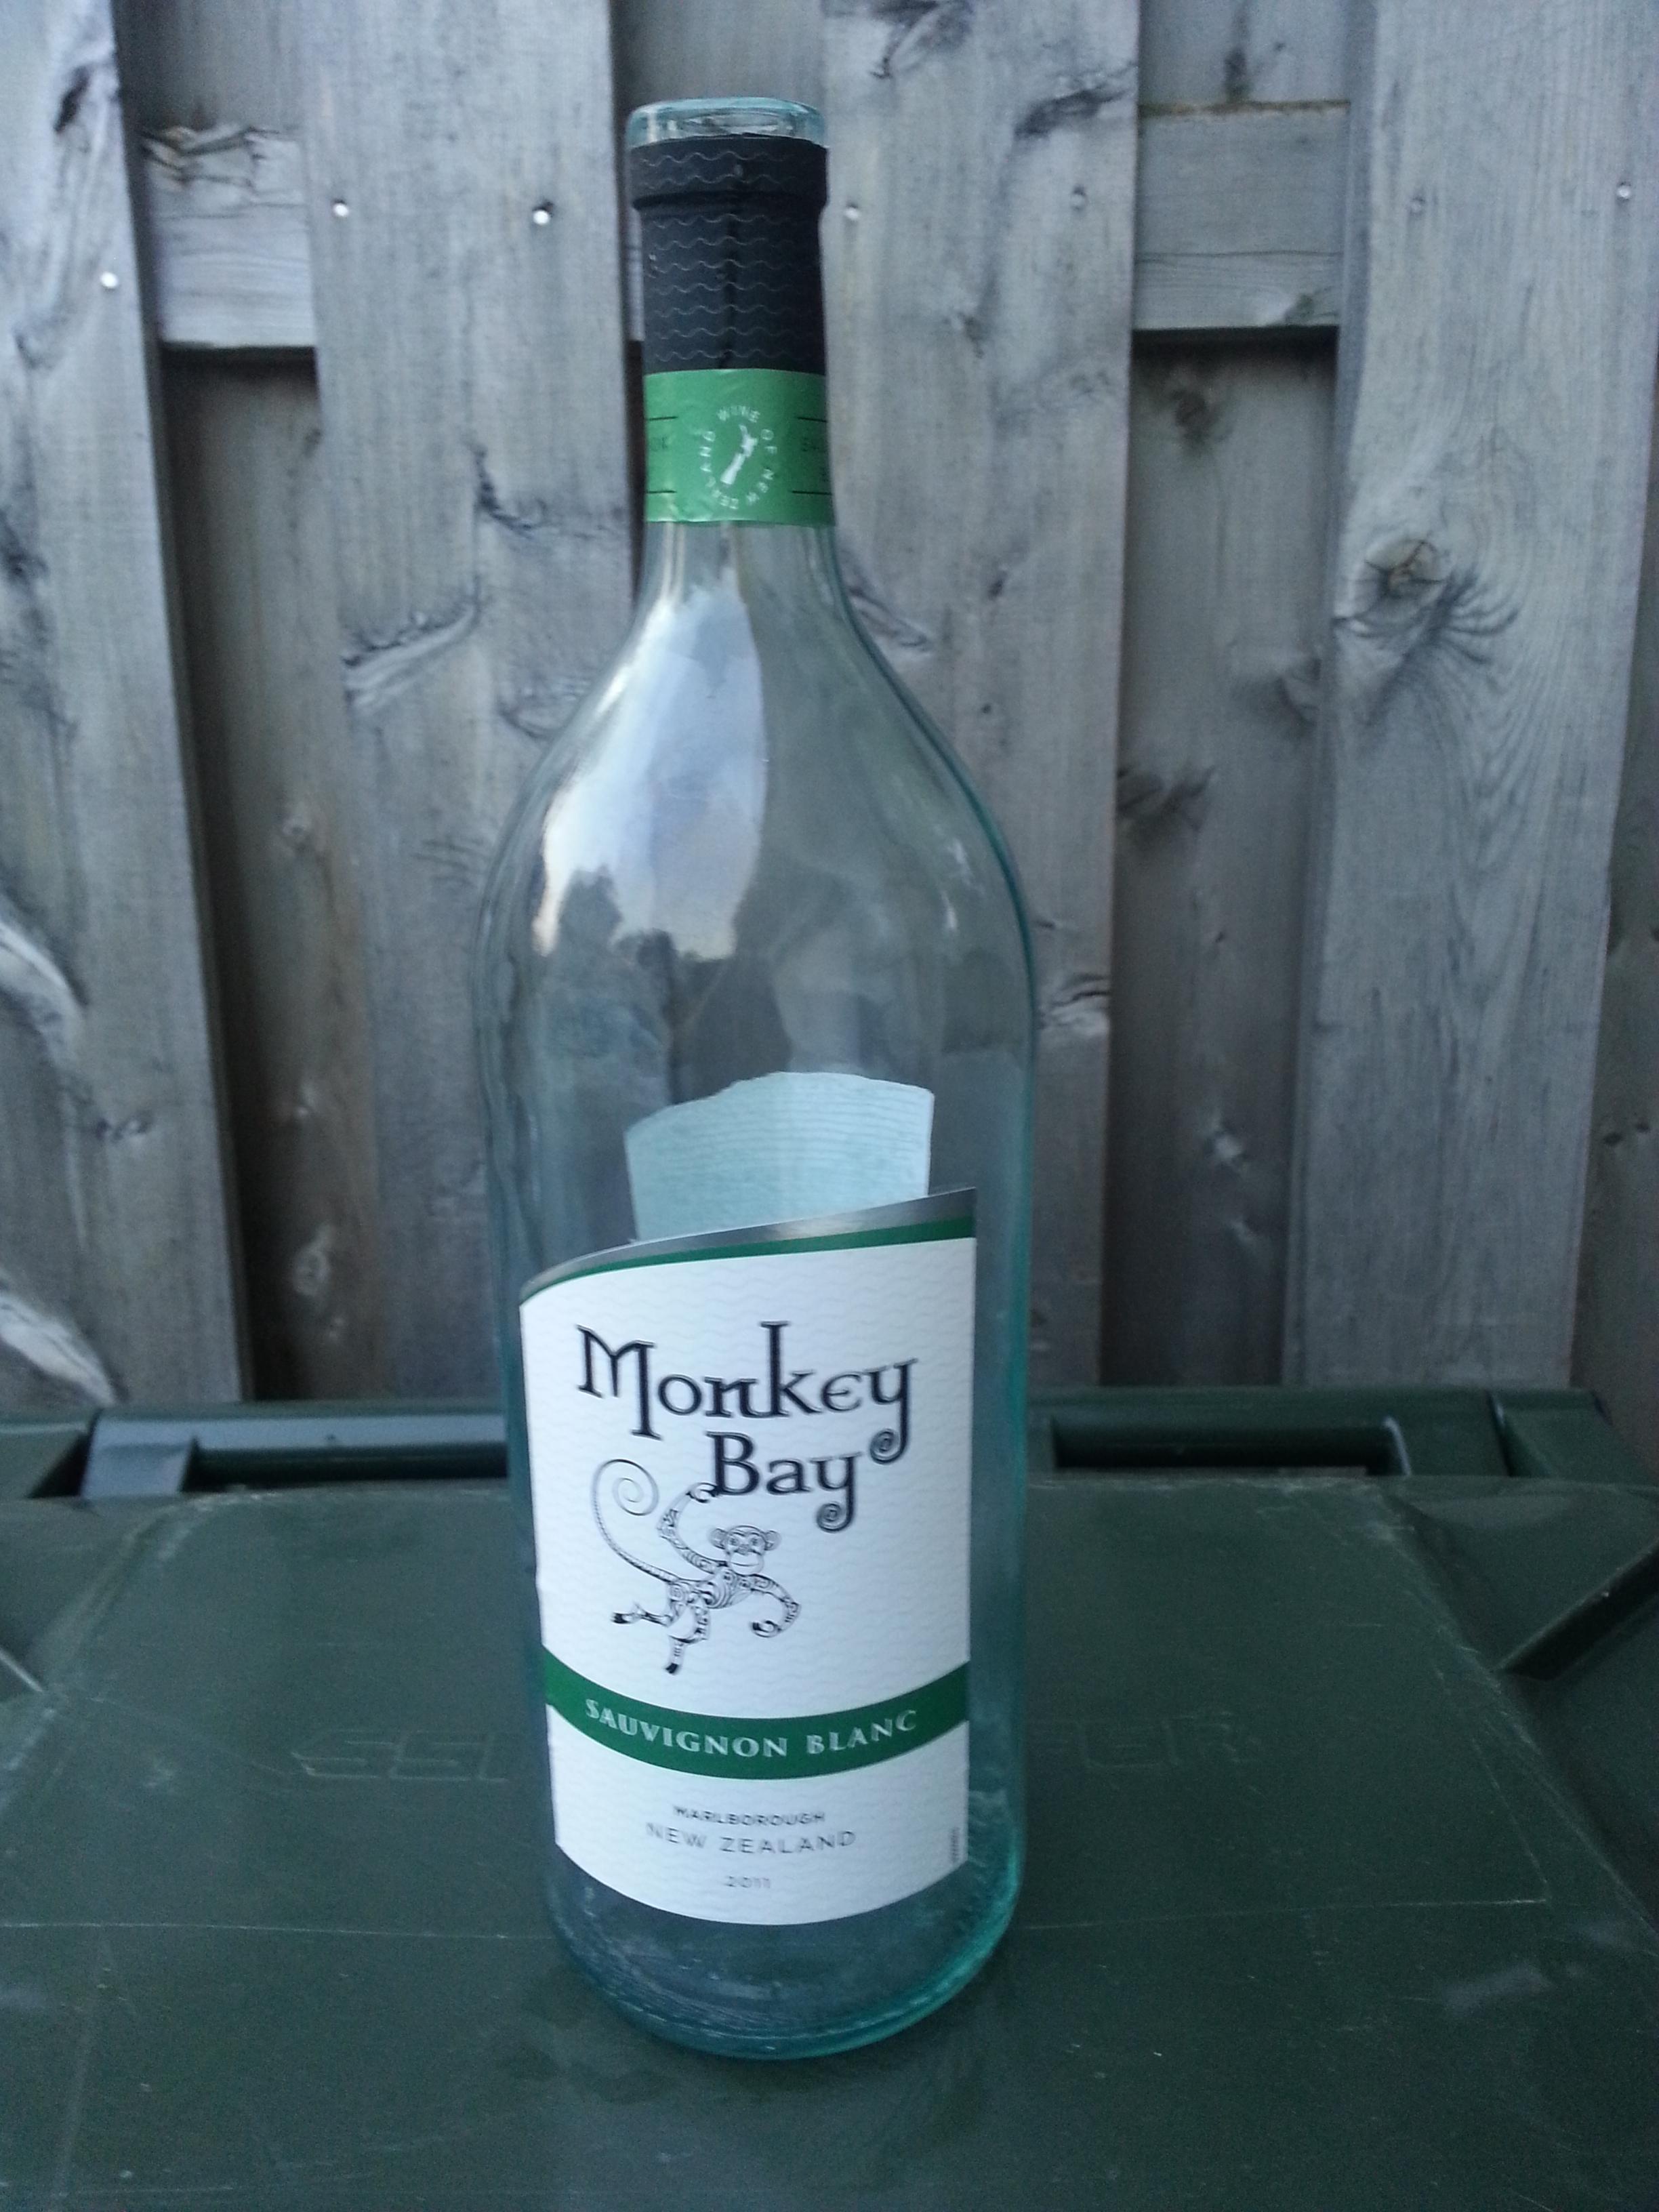 Monkey Bay Sauvignon Blanc (2011)